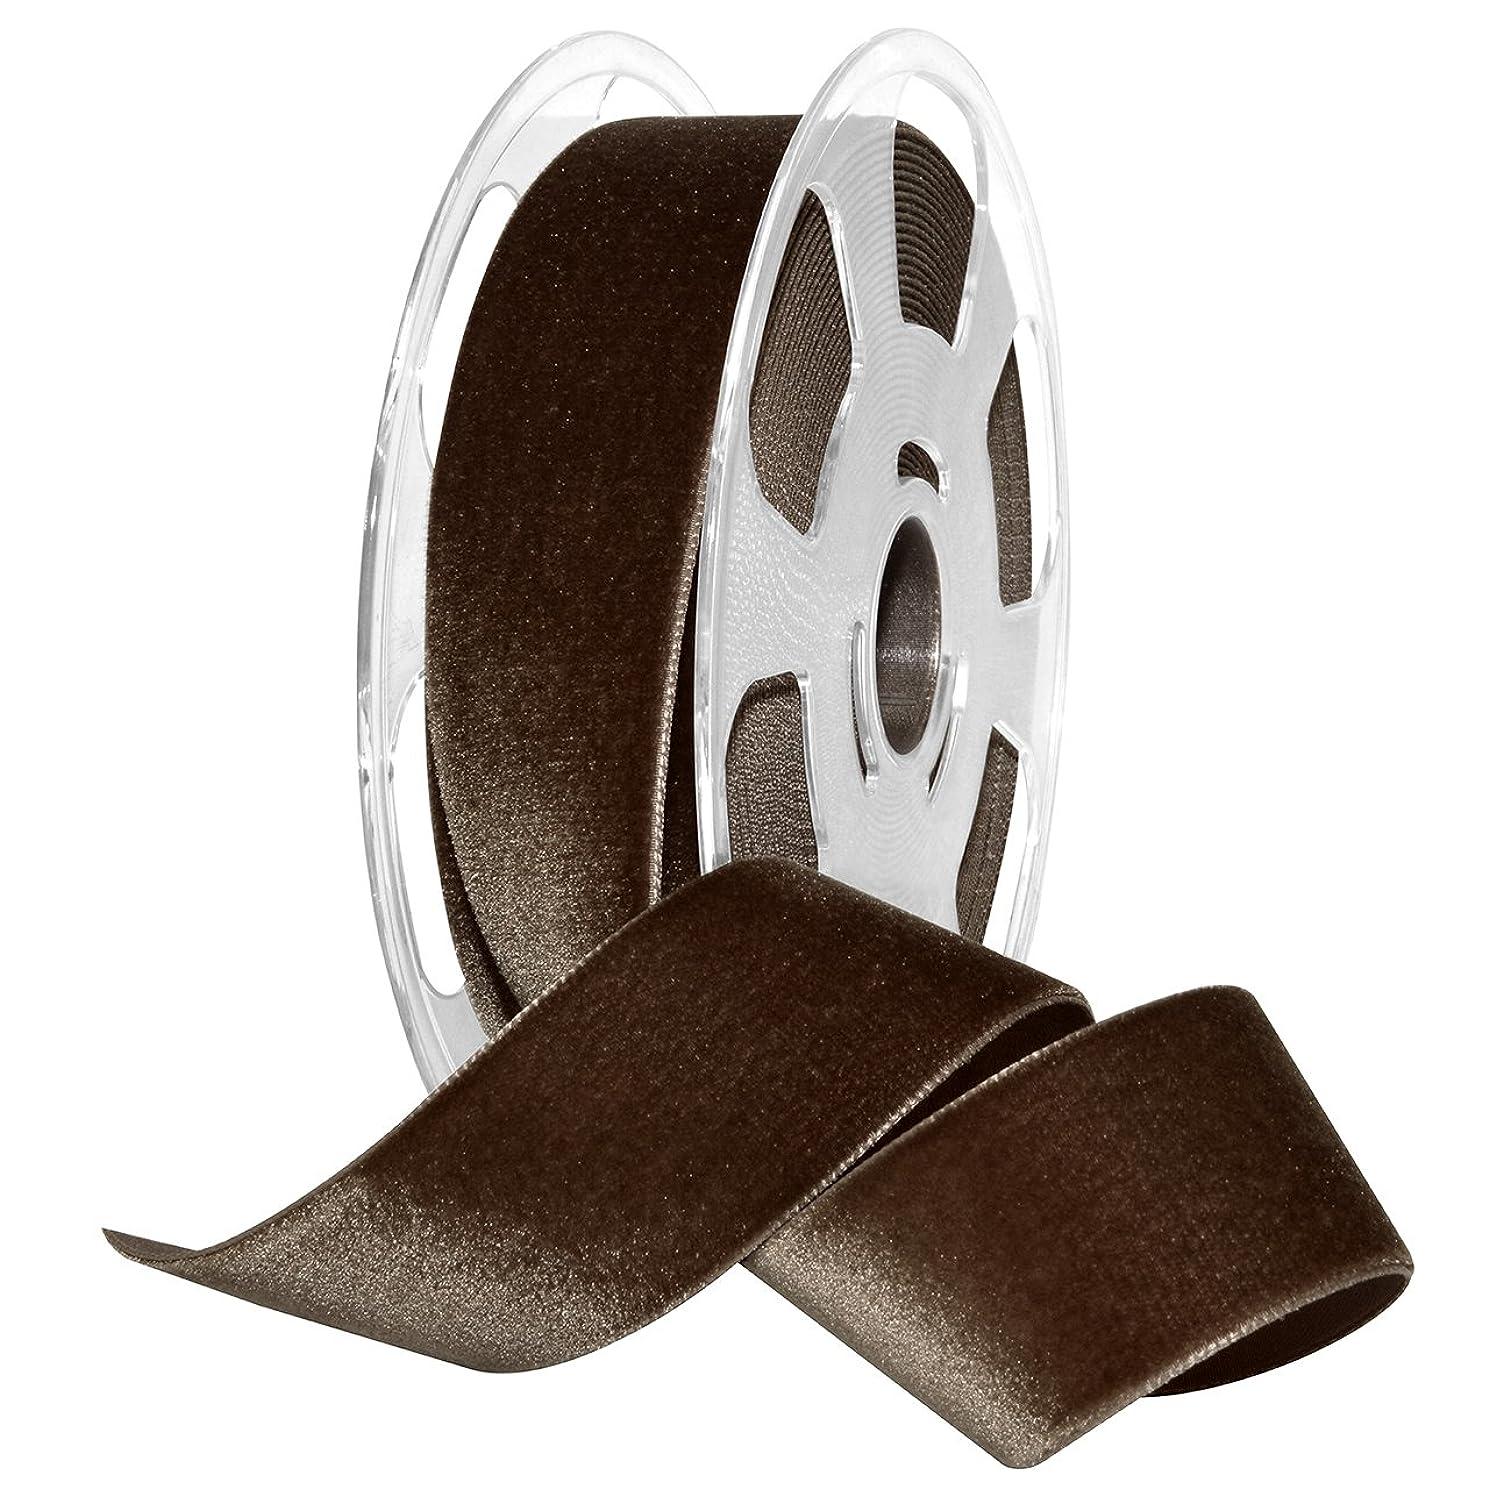 Morex Ribbon Nylon, 1 1/2 inches by 11 Yards, Espresso, Item 01240/10-539 Nylvalour Velvet Ribbon 1 1/2